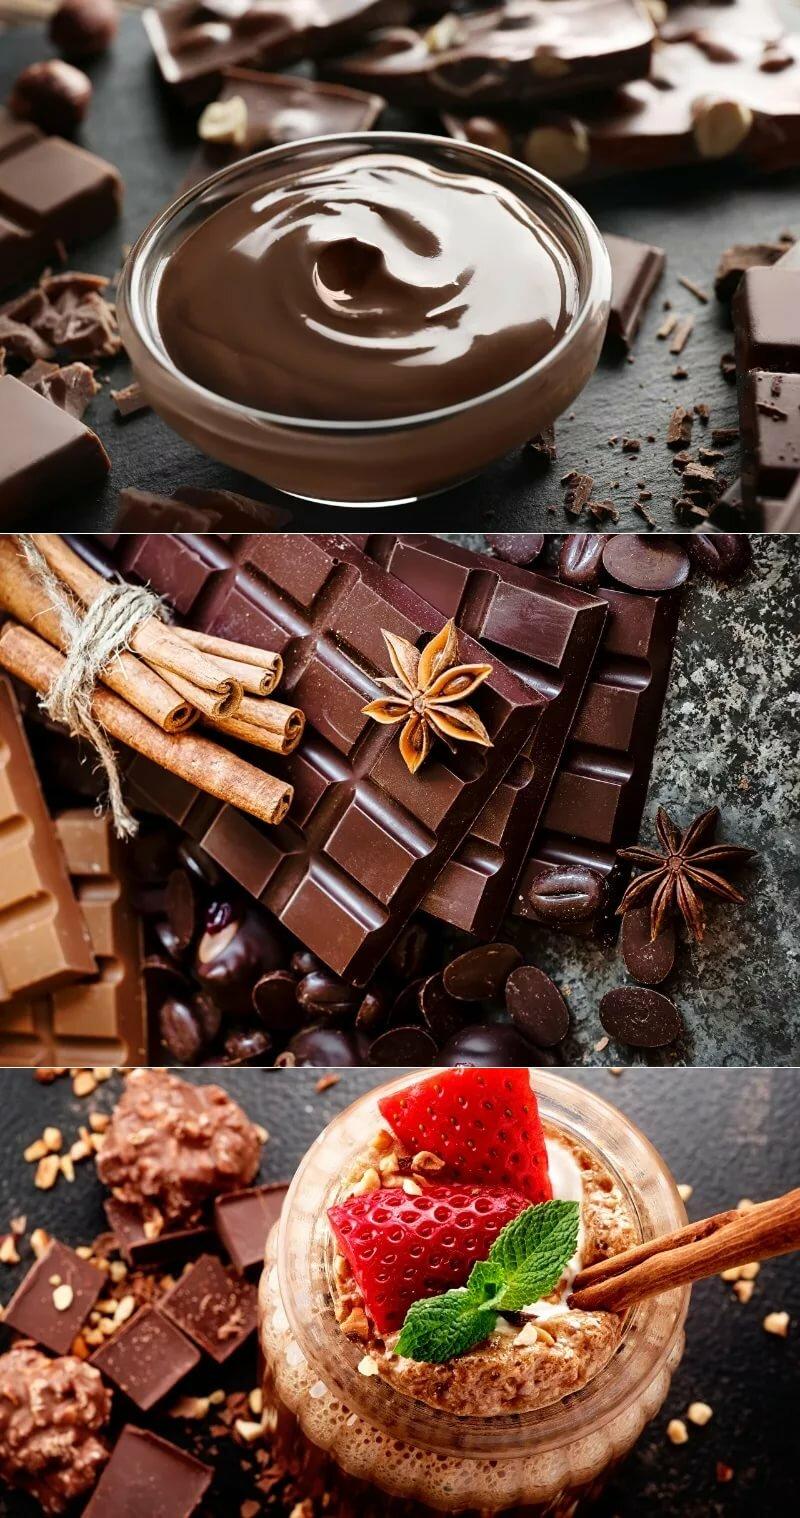 картинки шоколад день шоколада наконец, отдохнуть ежедневных